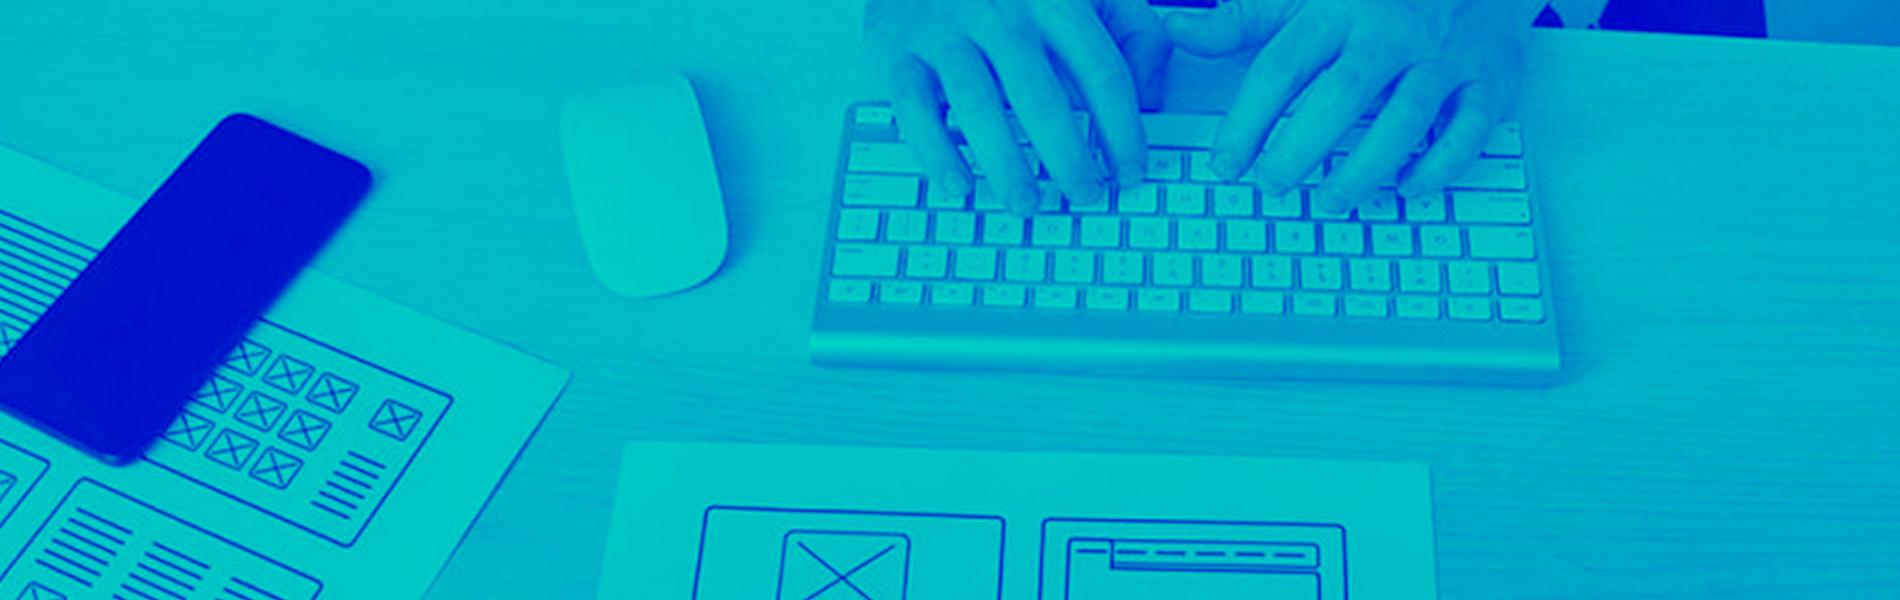 Perfil profesional de un diseñador UX/UI